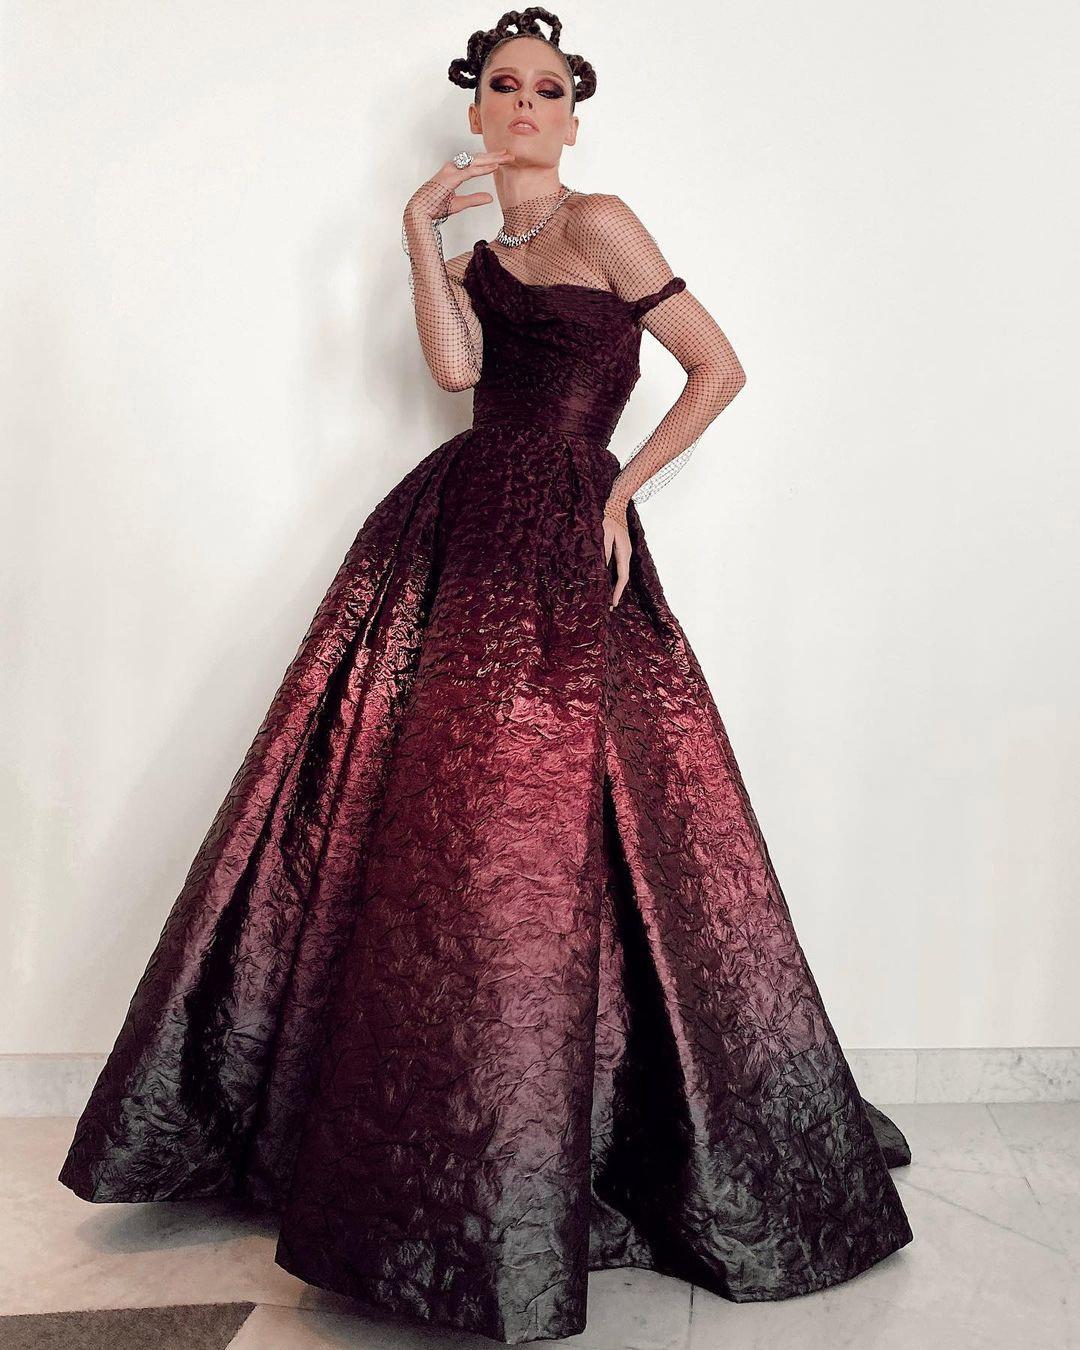 ارضة الأزياء الكندية كوكو روشا Coco Rocha وهو تصميم فاخر من دار ديور Dior